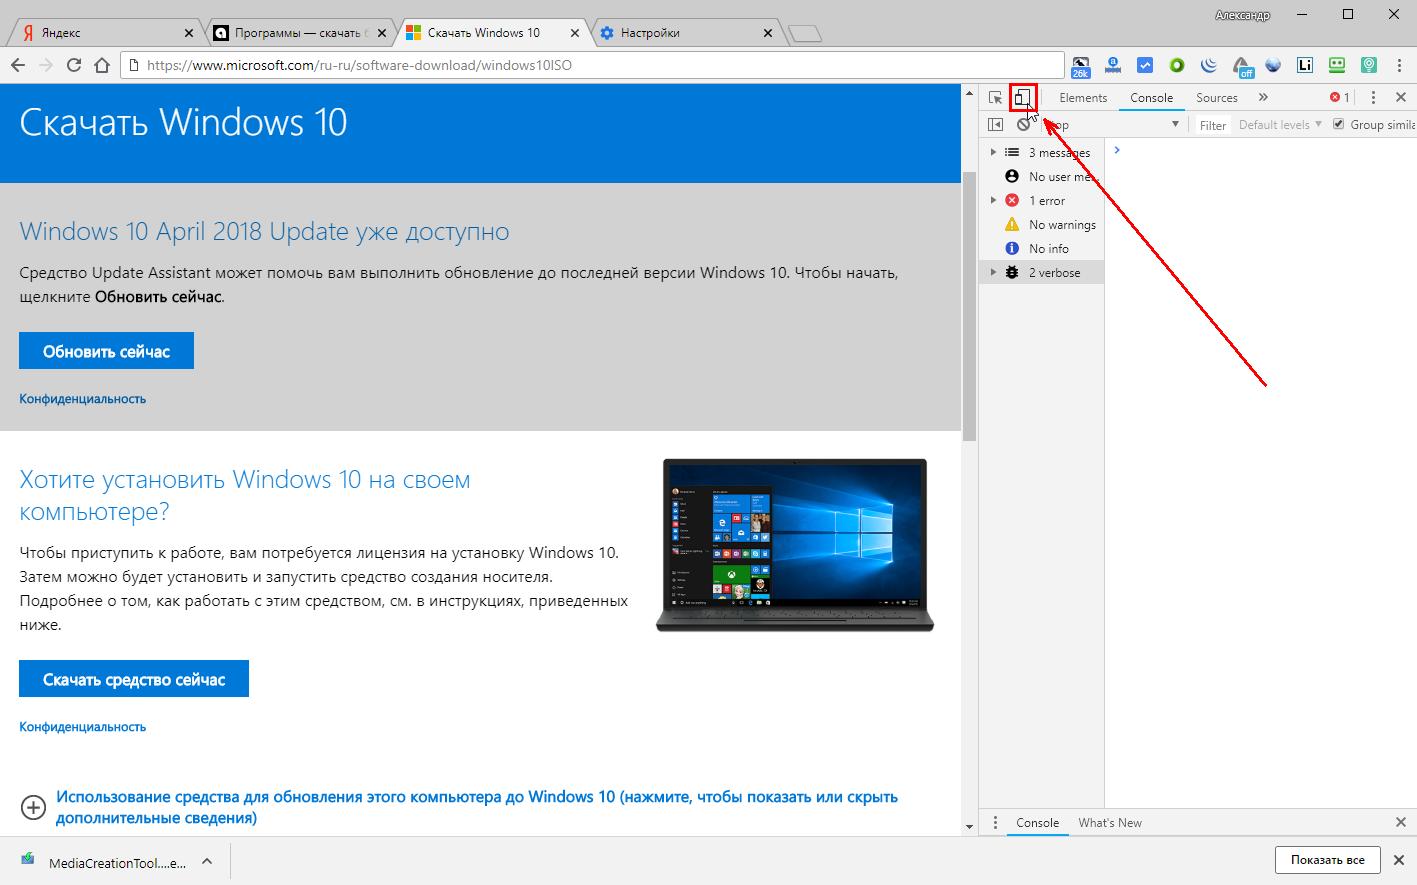 Как скачать iso windows 7, 8. 1 и windows 10 с microsoft   remontka. Pro.